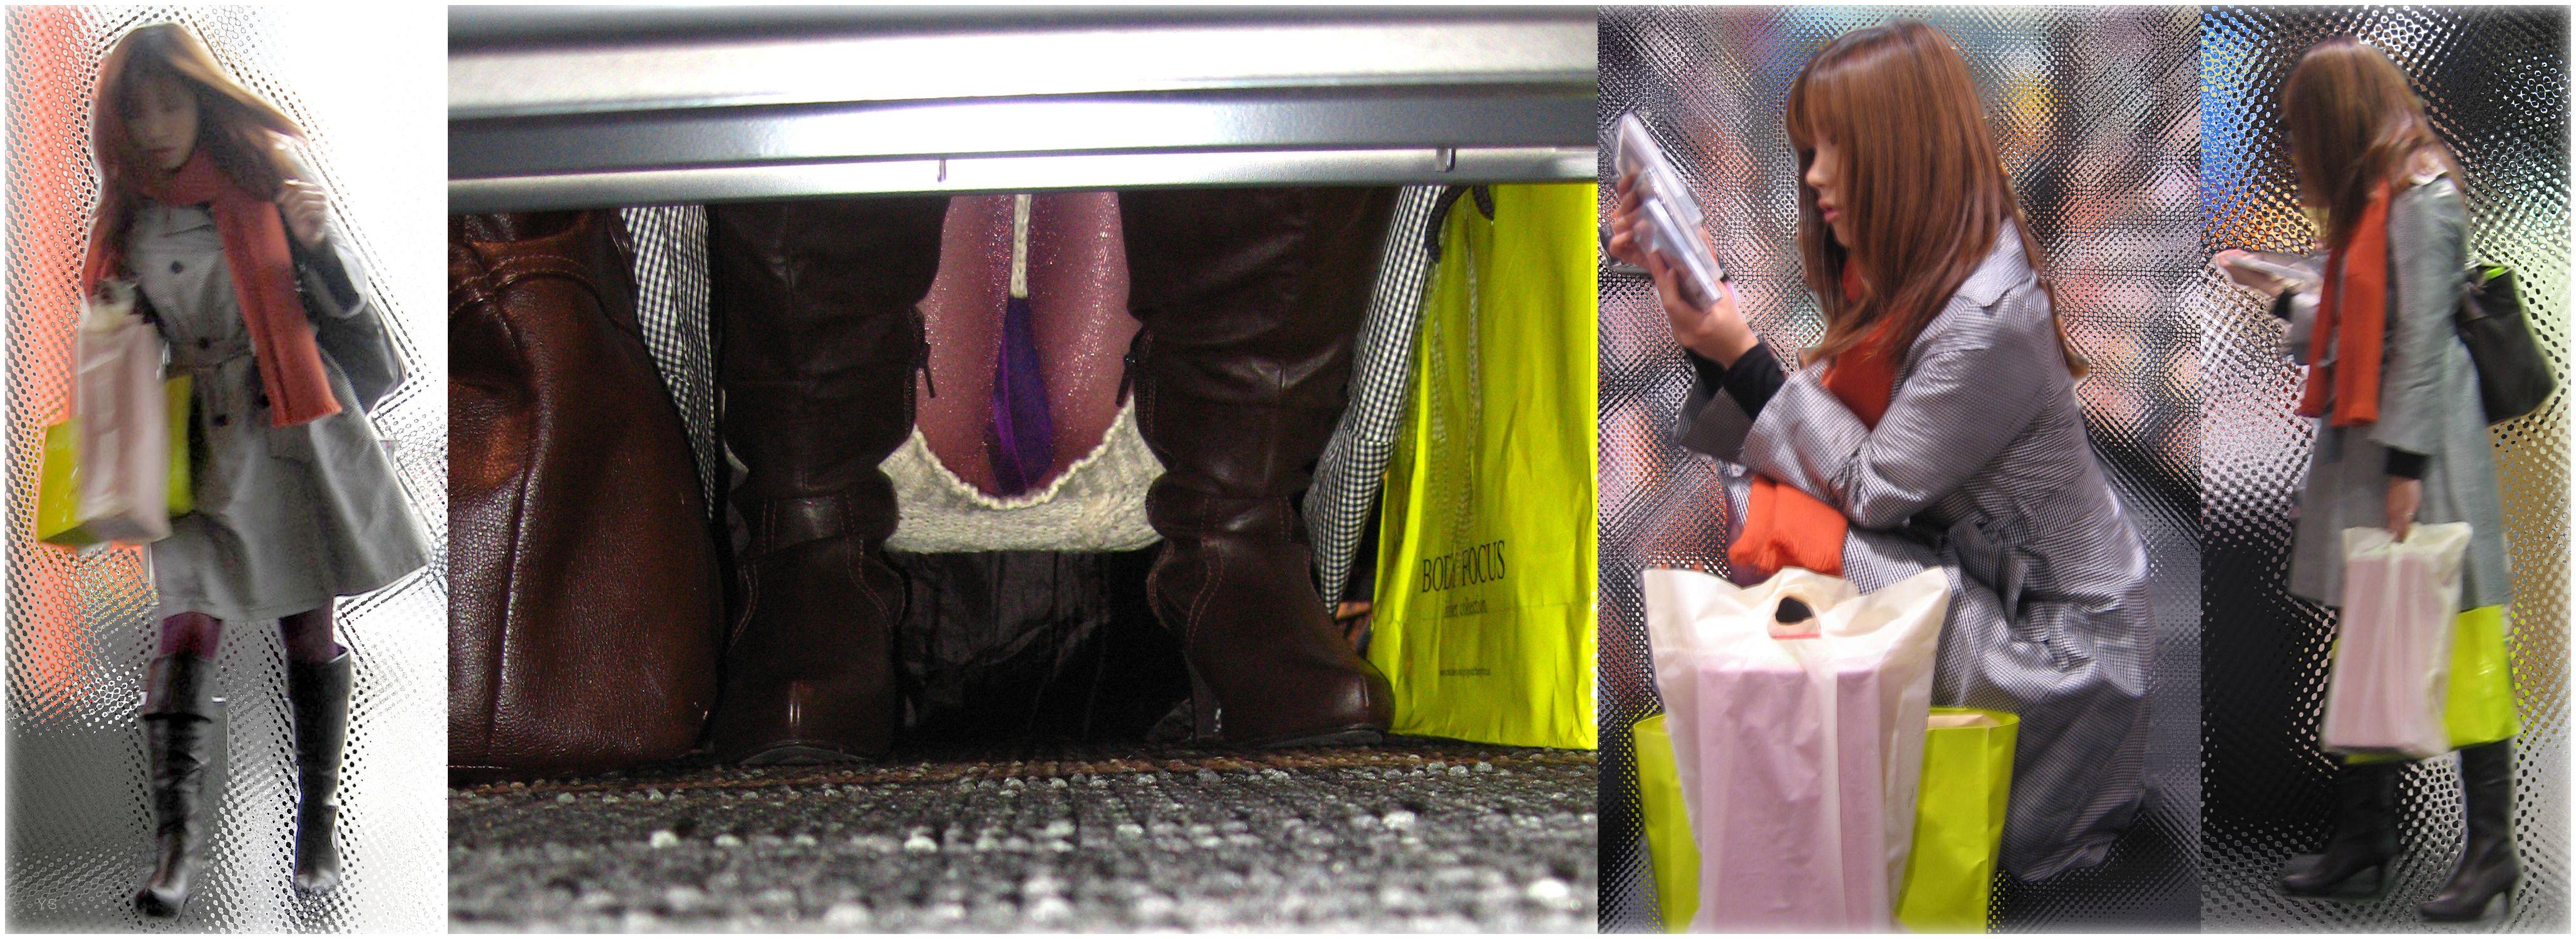 【パンチラエロ画像】お店の棚下から狙い撃つぜぇ!向こう側からミニスカチラwww 06